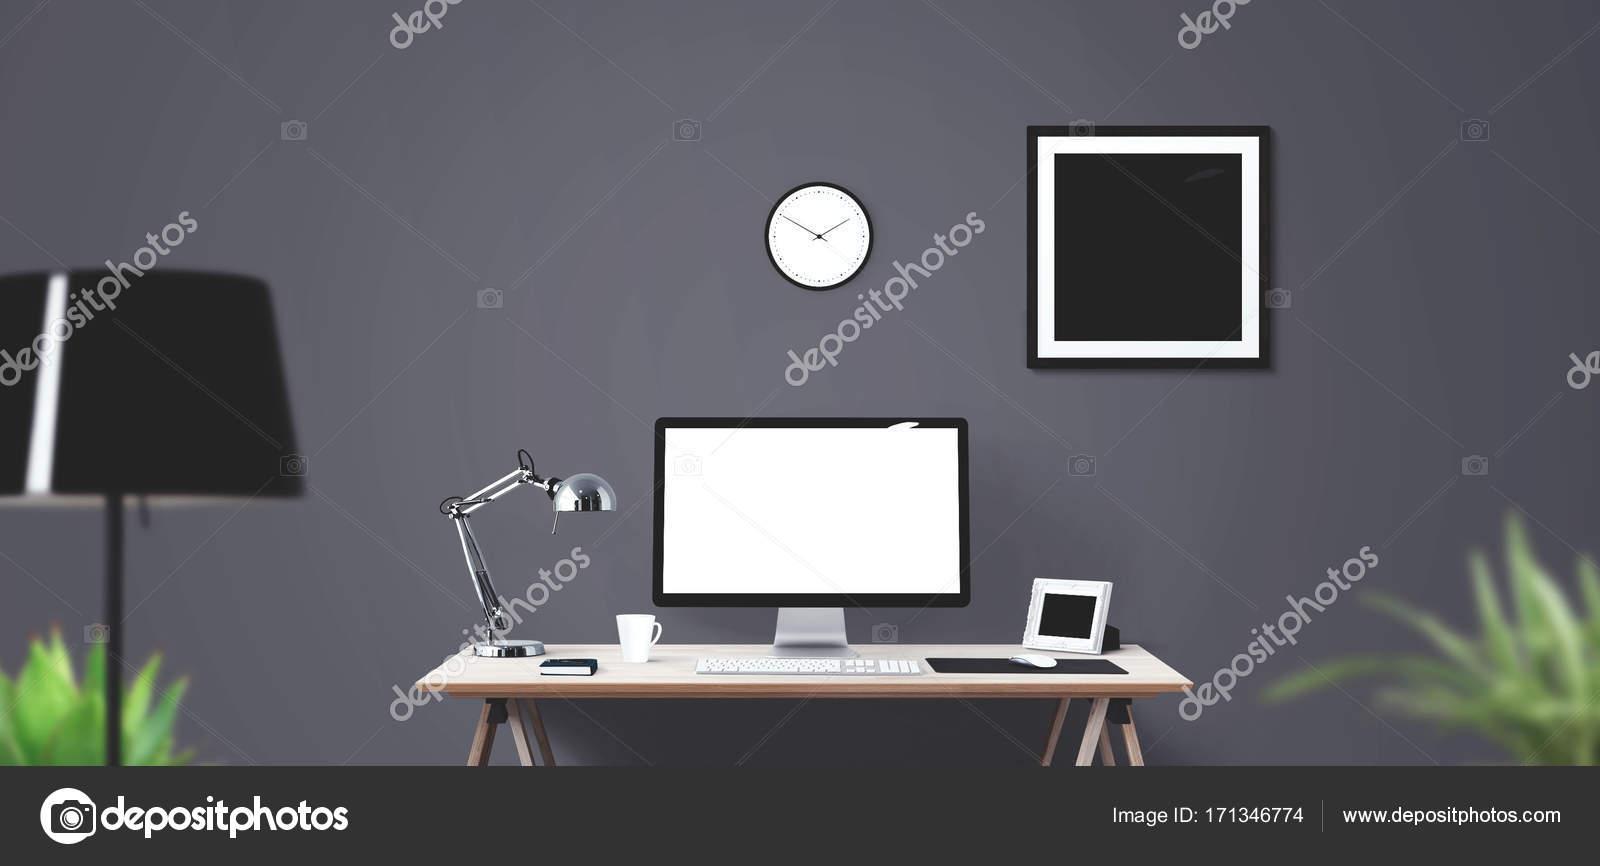 Fond bannière livre affaires horloge ordinateur créative